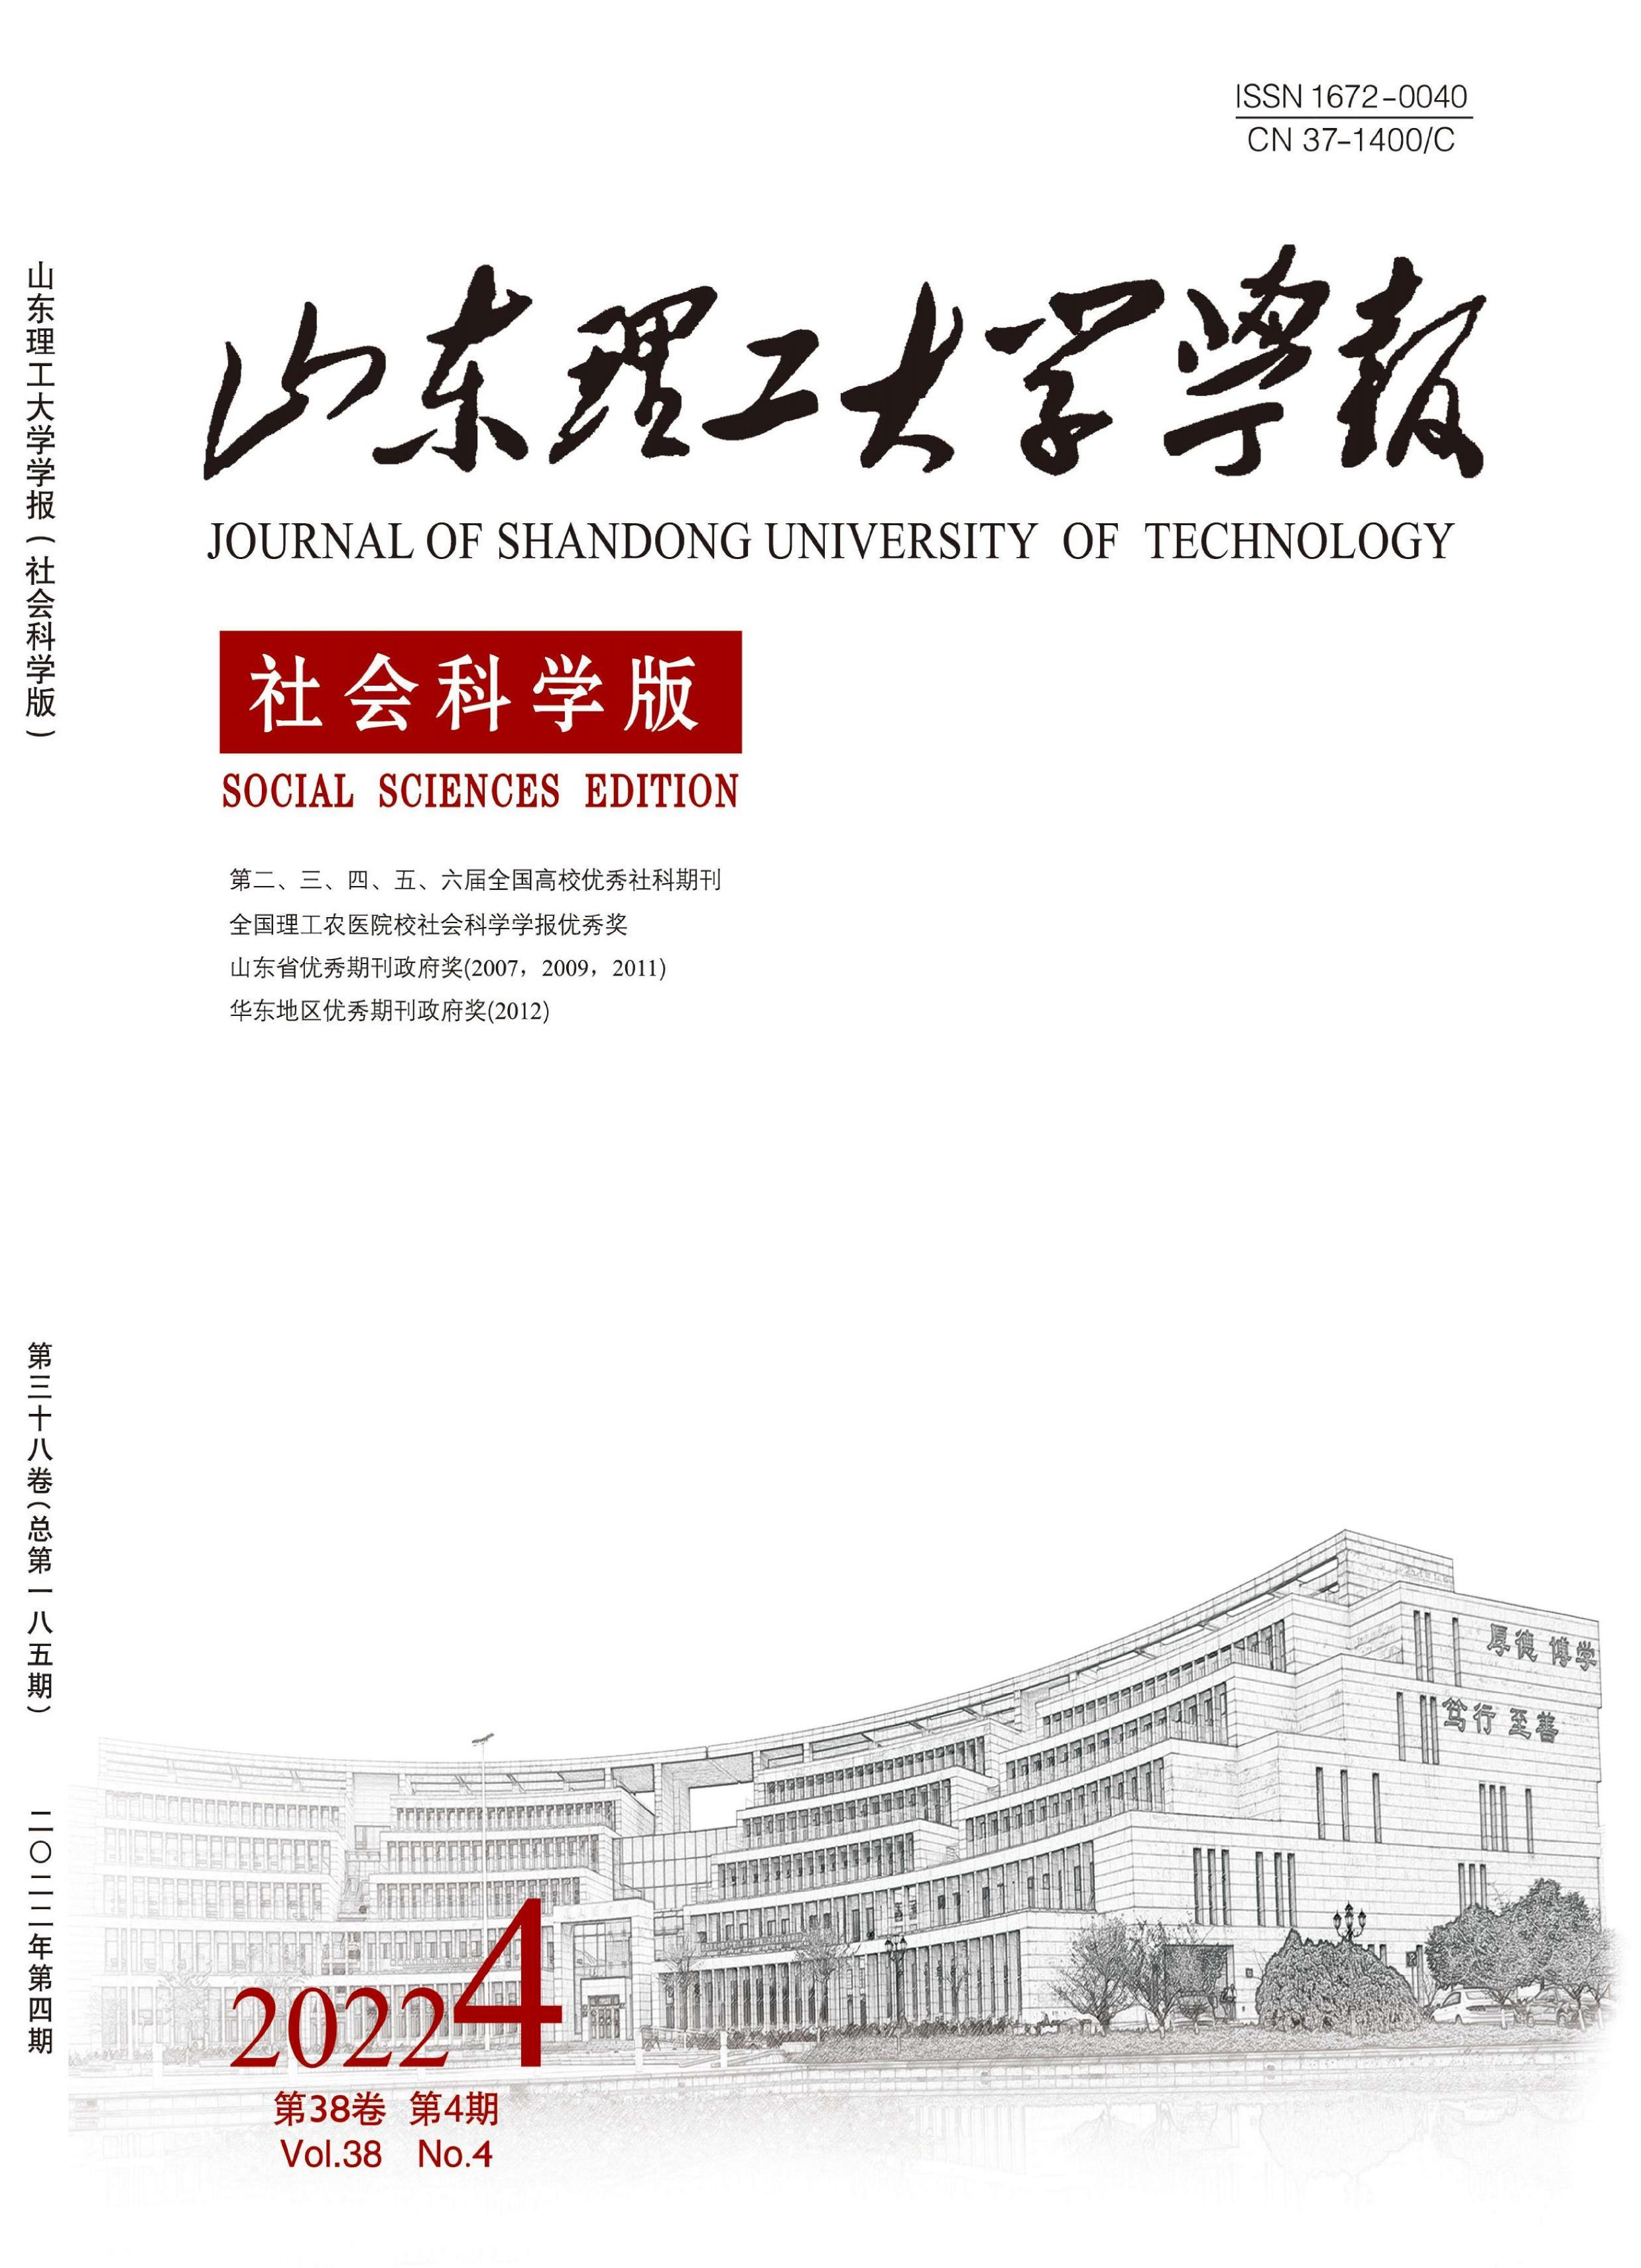 山东理工大学学报:社会科学版